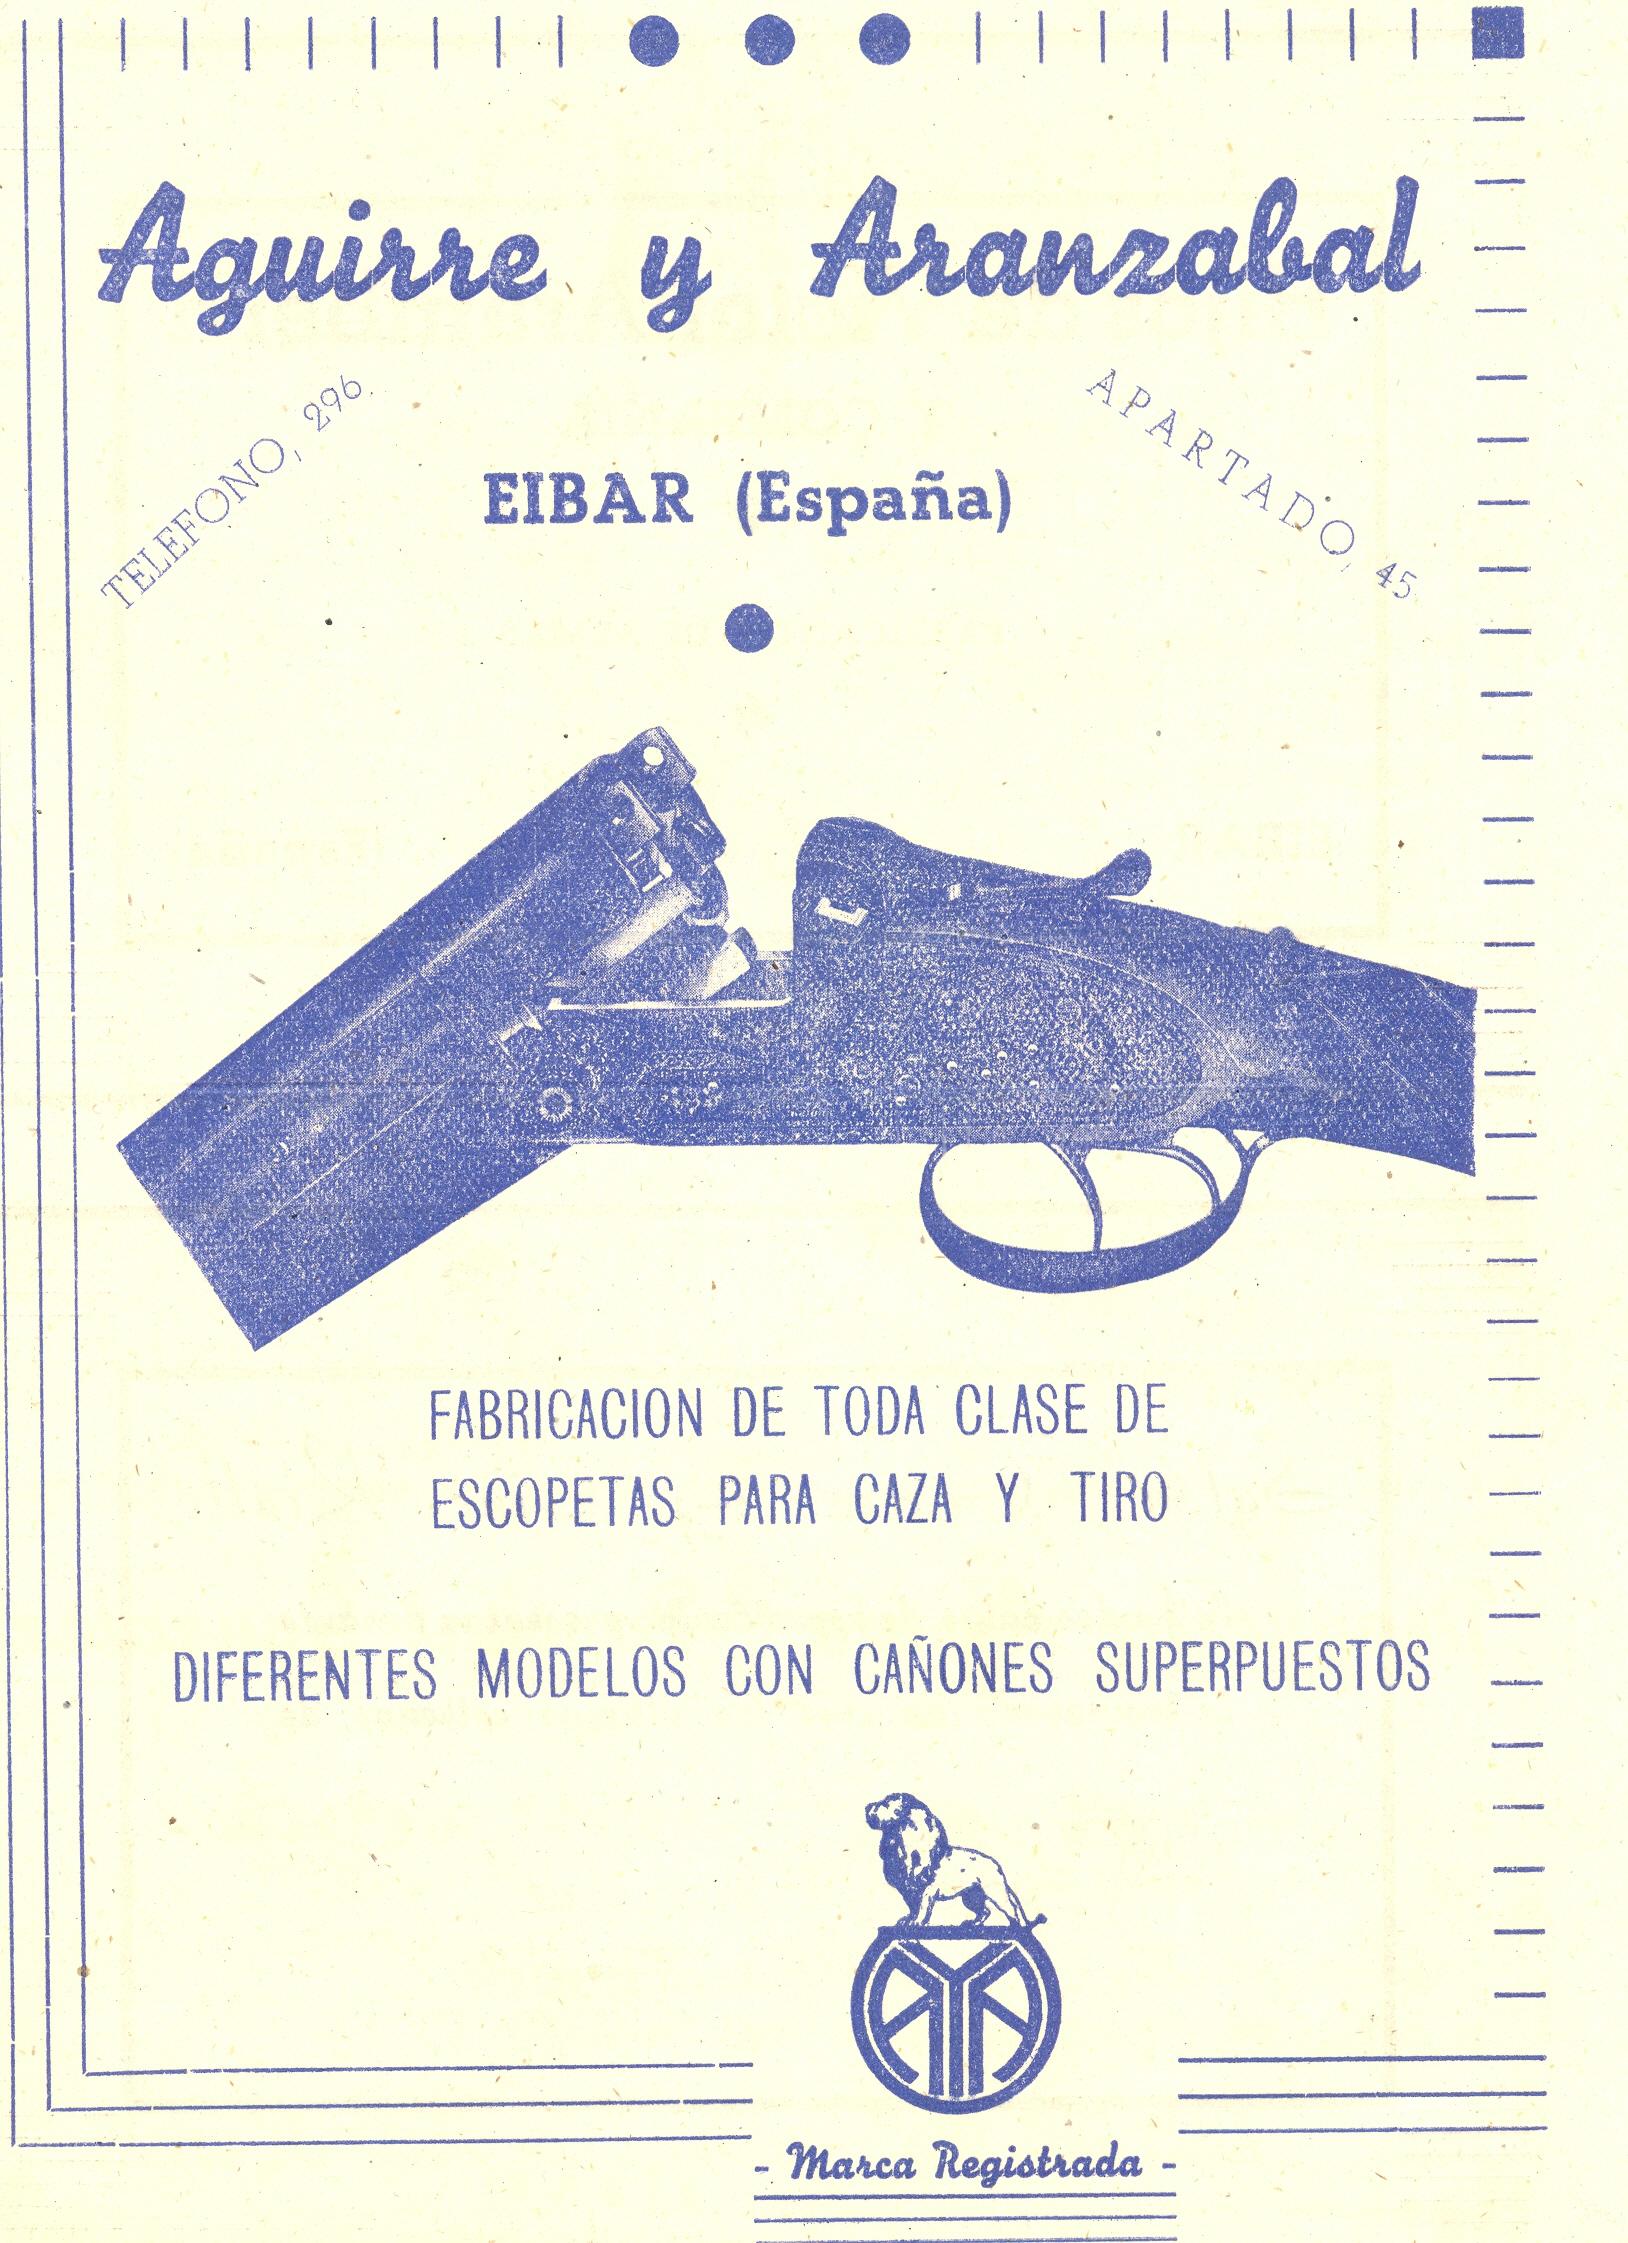 4) Aguirre y Aranzabal